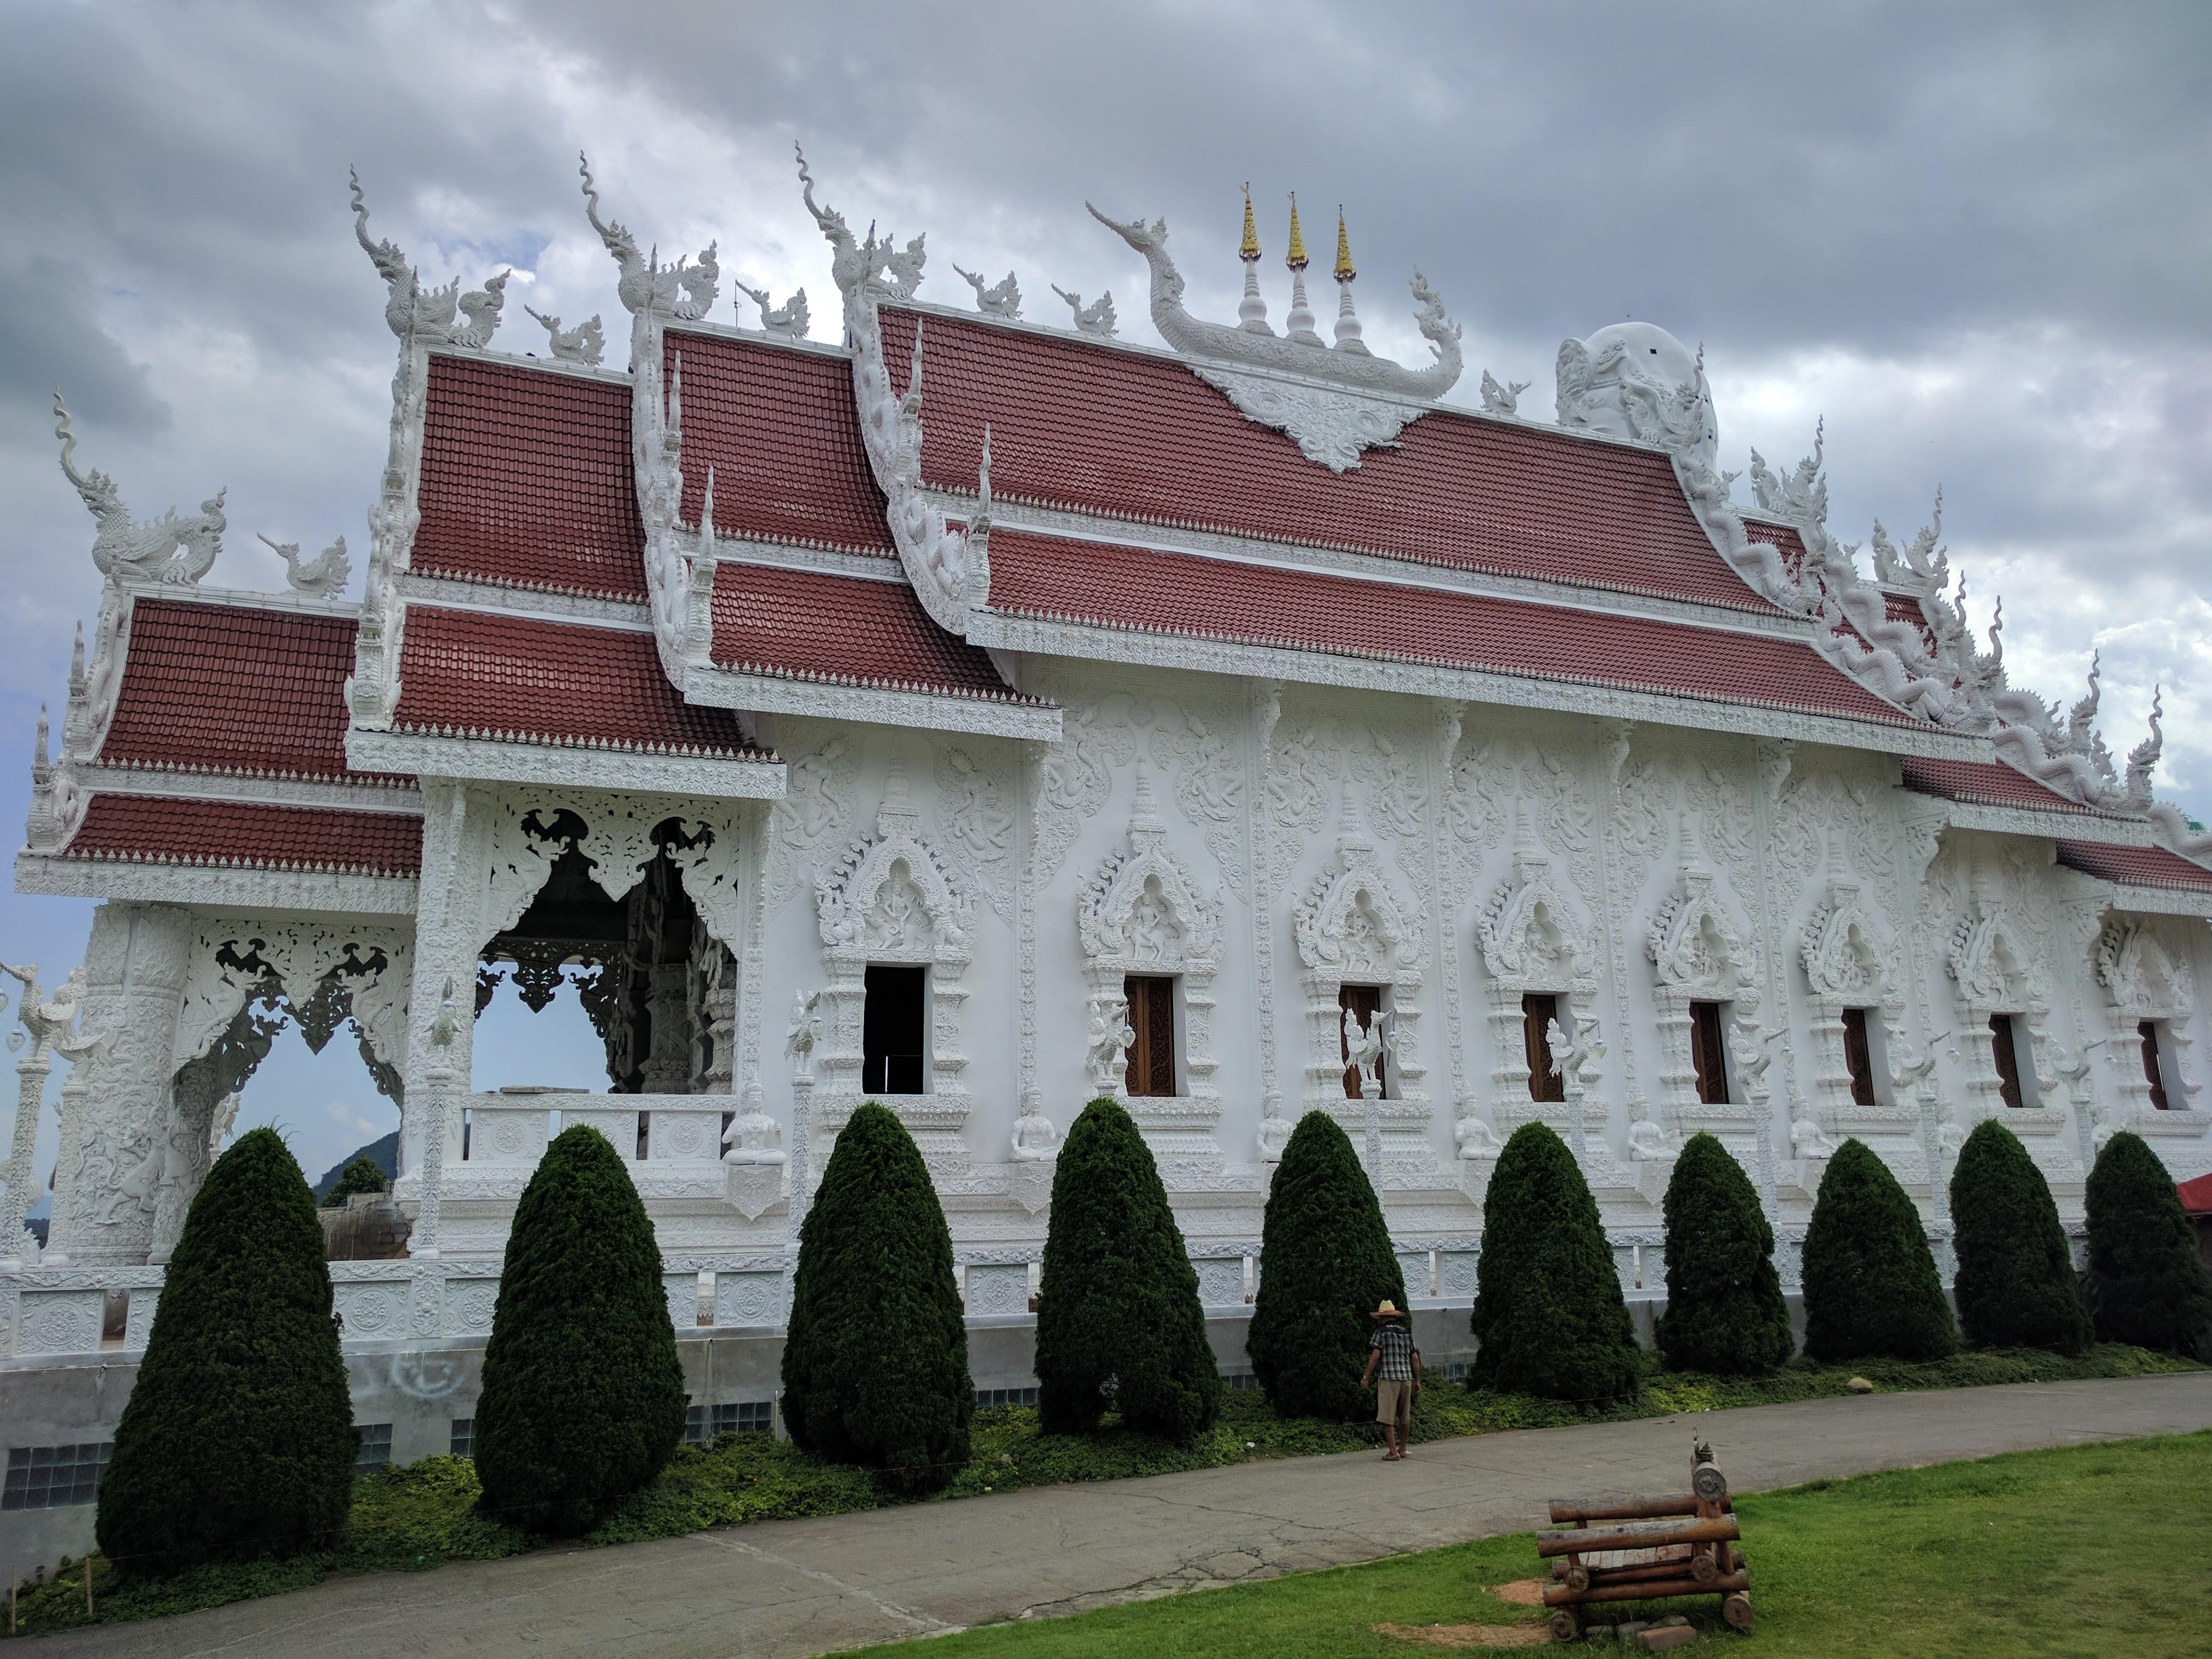 wat huay plakang temple